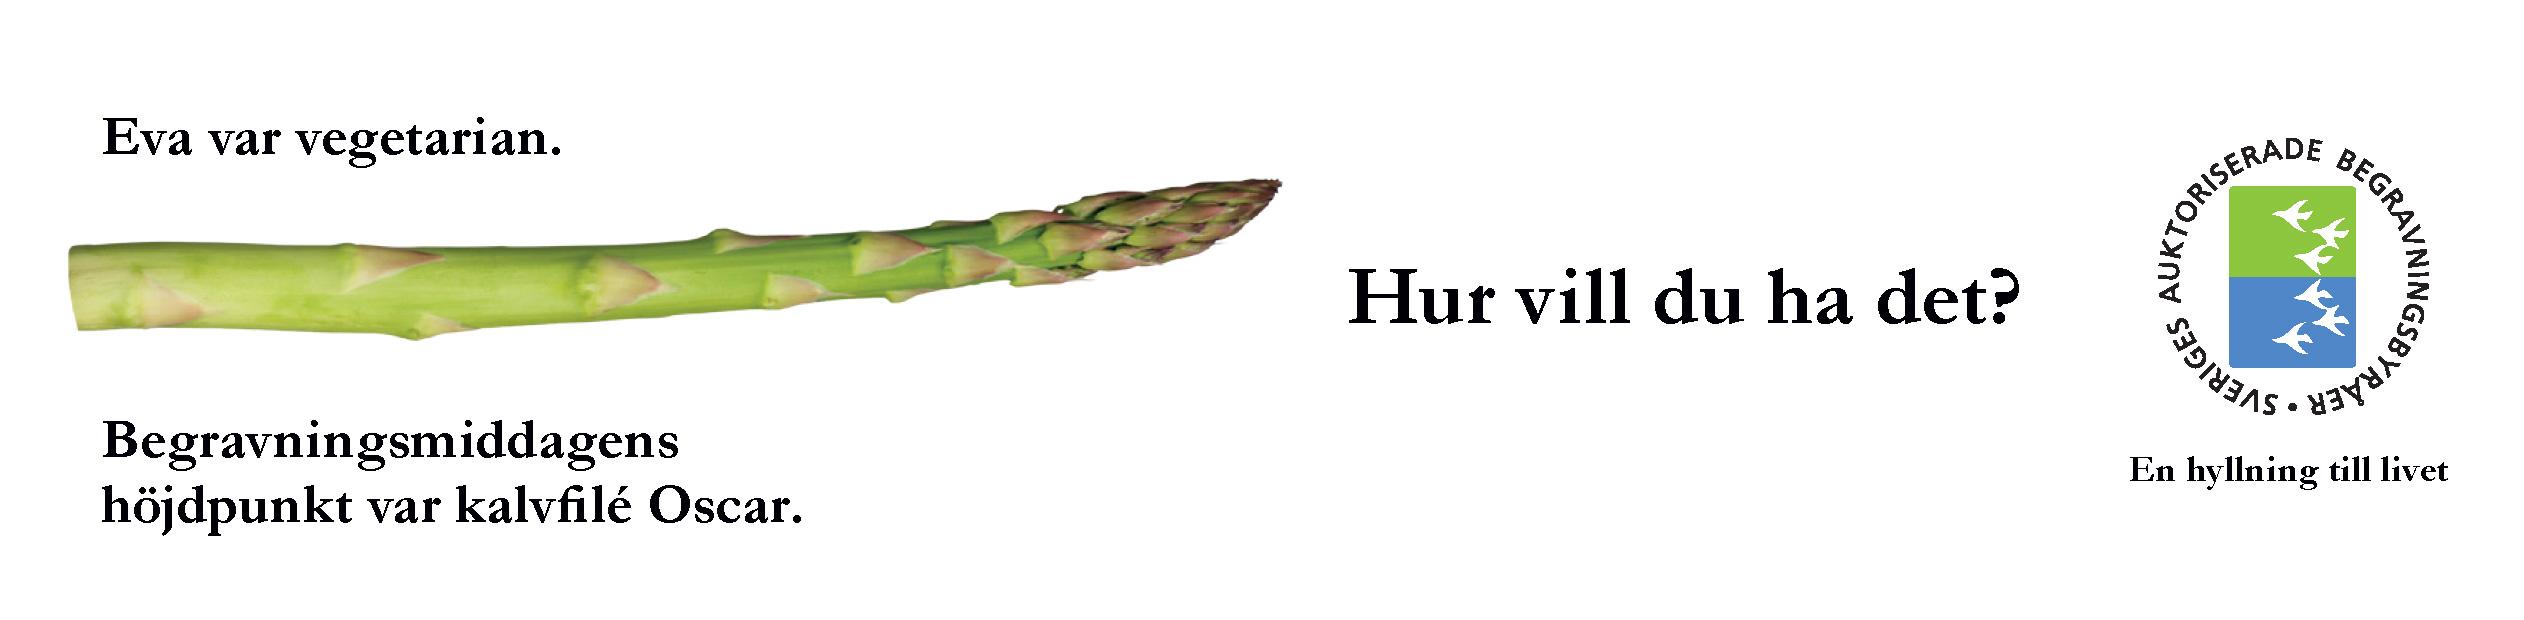 Axelssons Begravningsbyrå Lund - Livsarkivet - En hyllning till livet - Eva